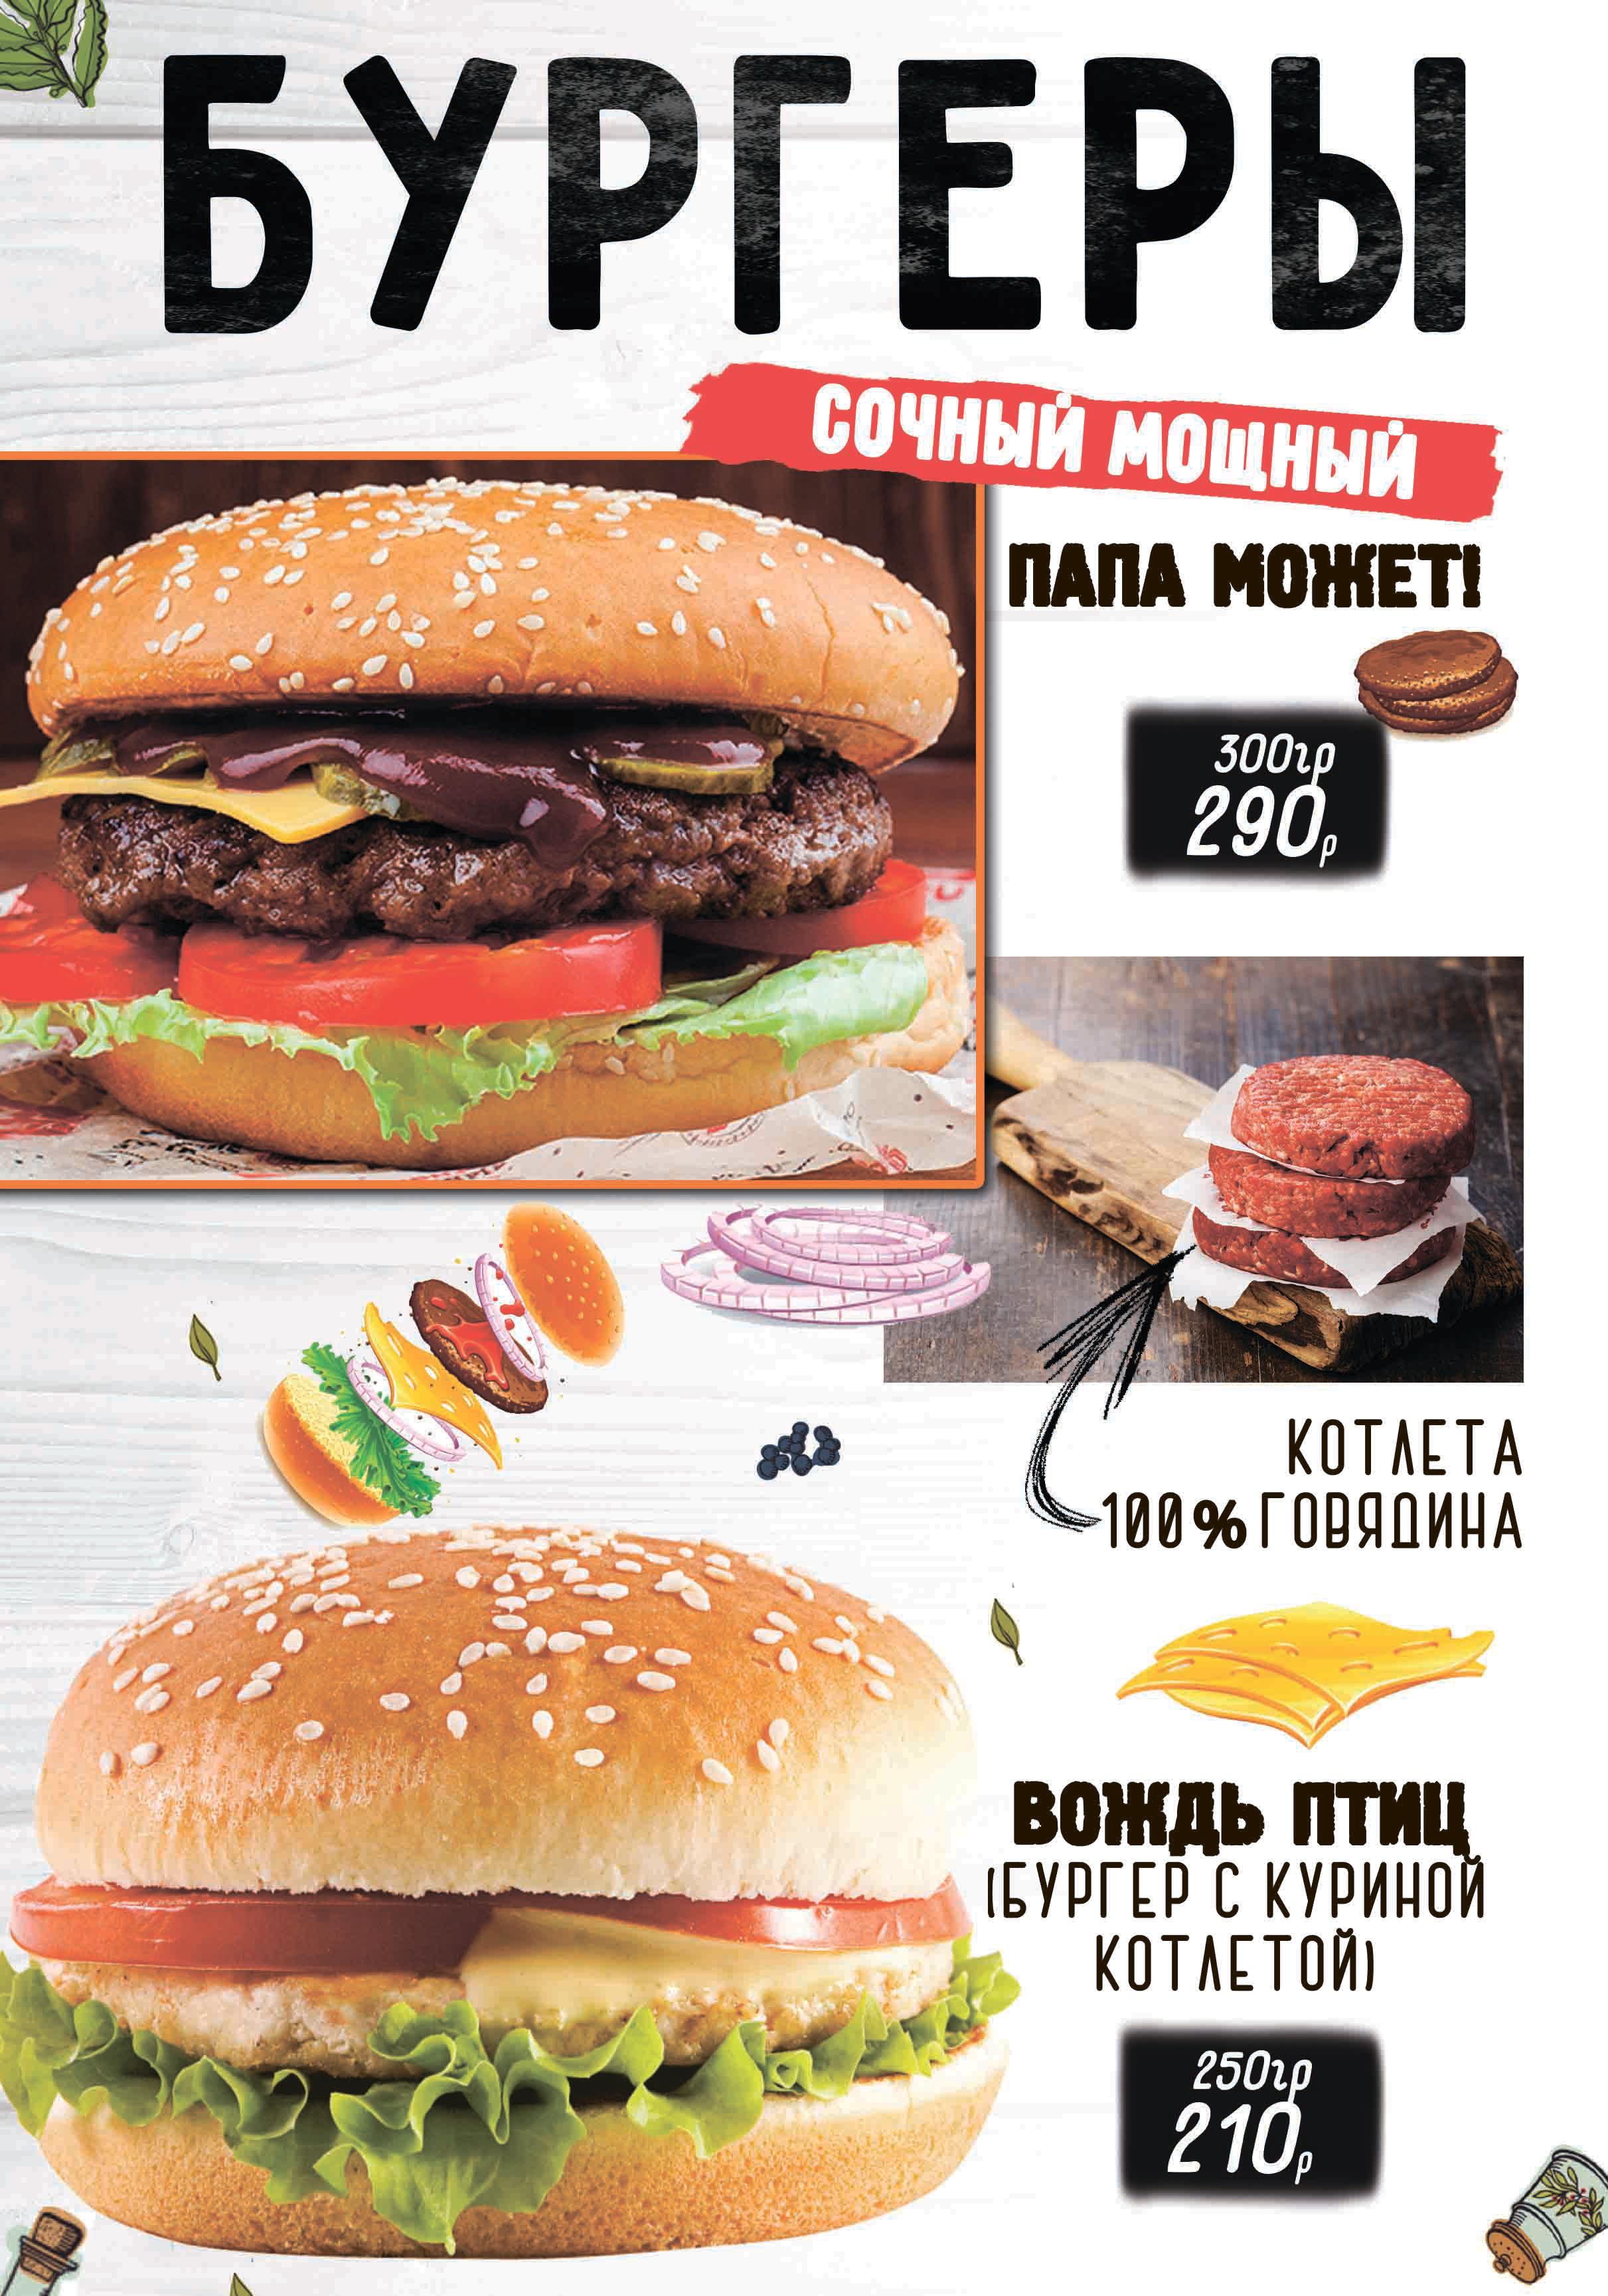 17 страница бургер